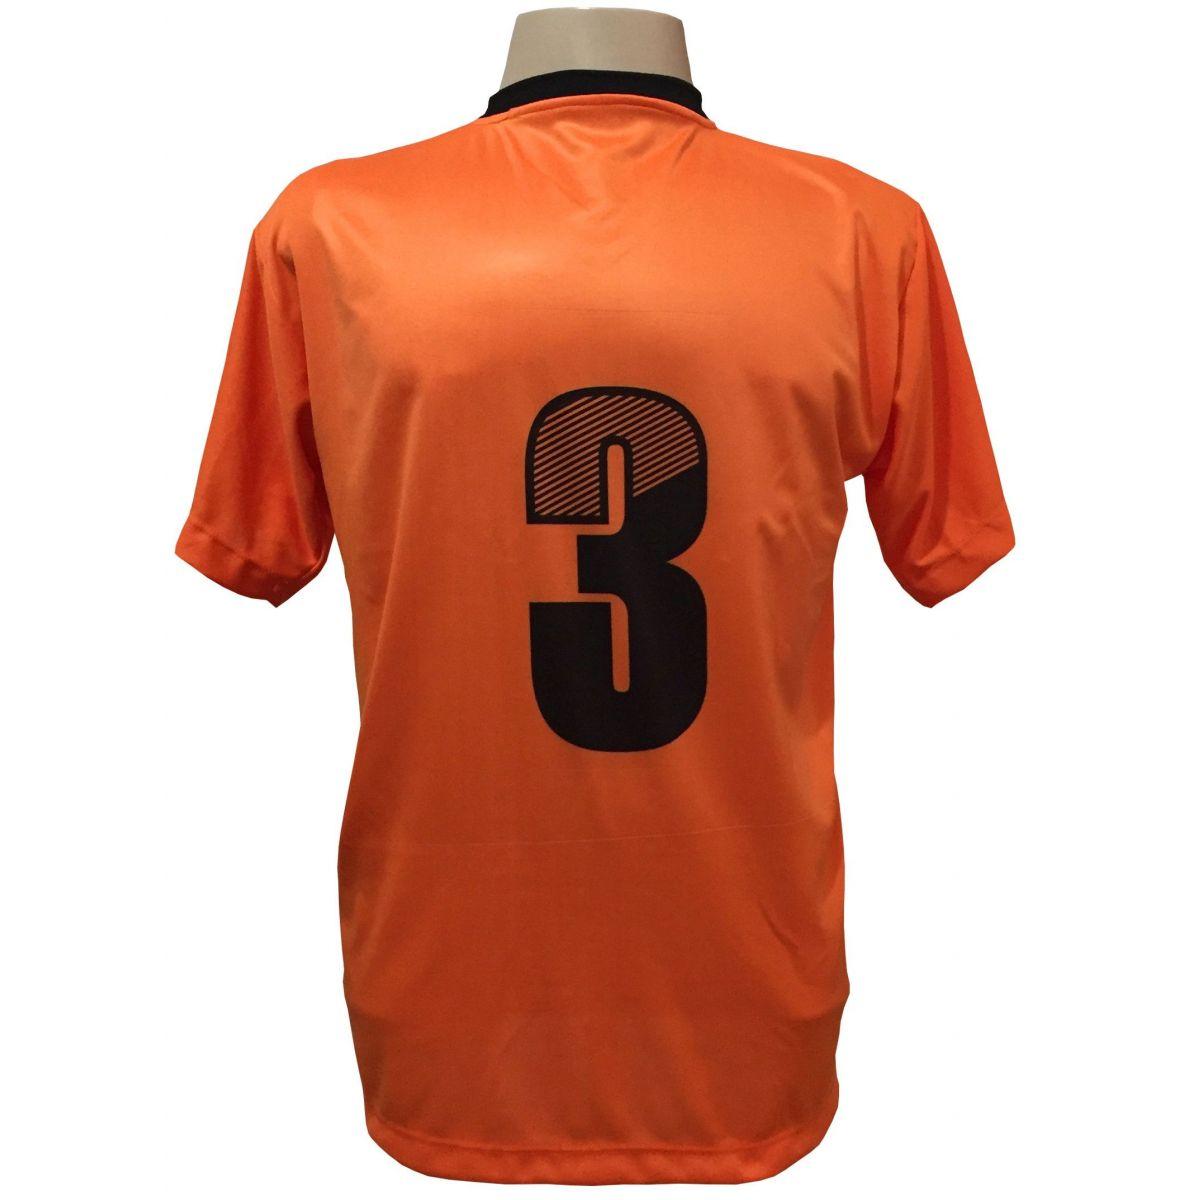 Uniforme Esportivo com 20 camisas modelo Roma Laranja/Preto + 20 calções modelo Madrid Preto + Brindes